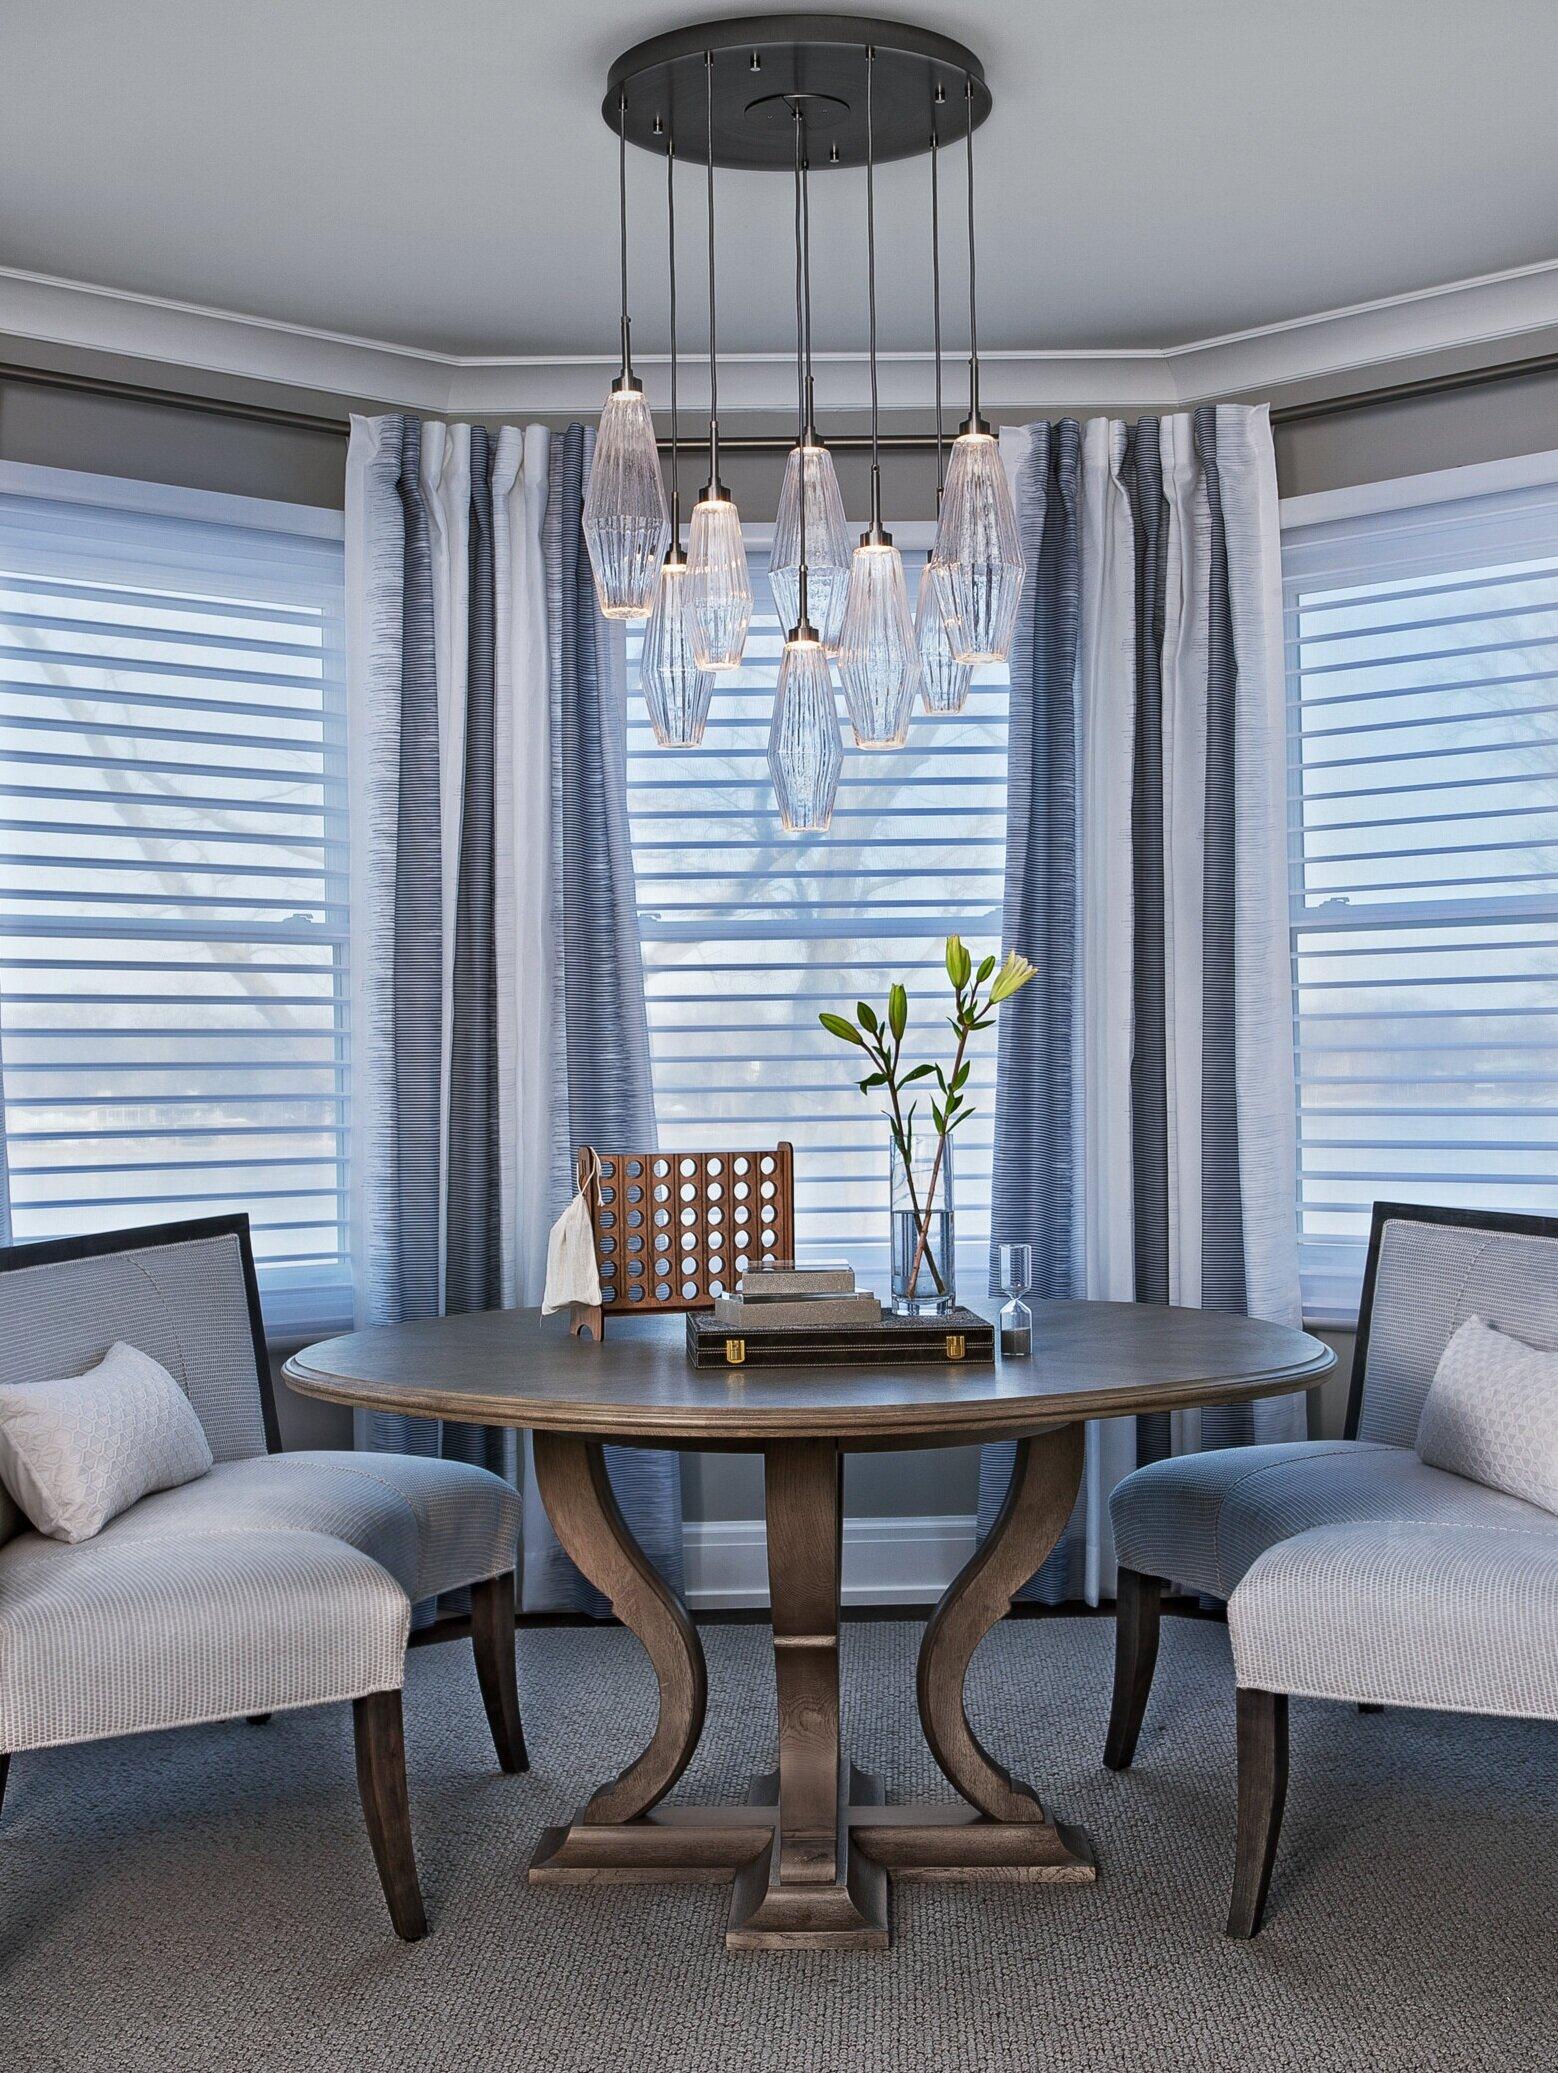 Aalto Multi-port chandelier, by Hammerton Studio